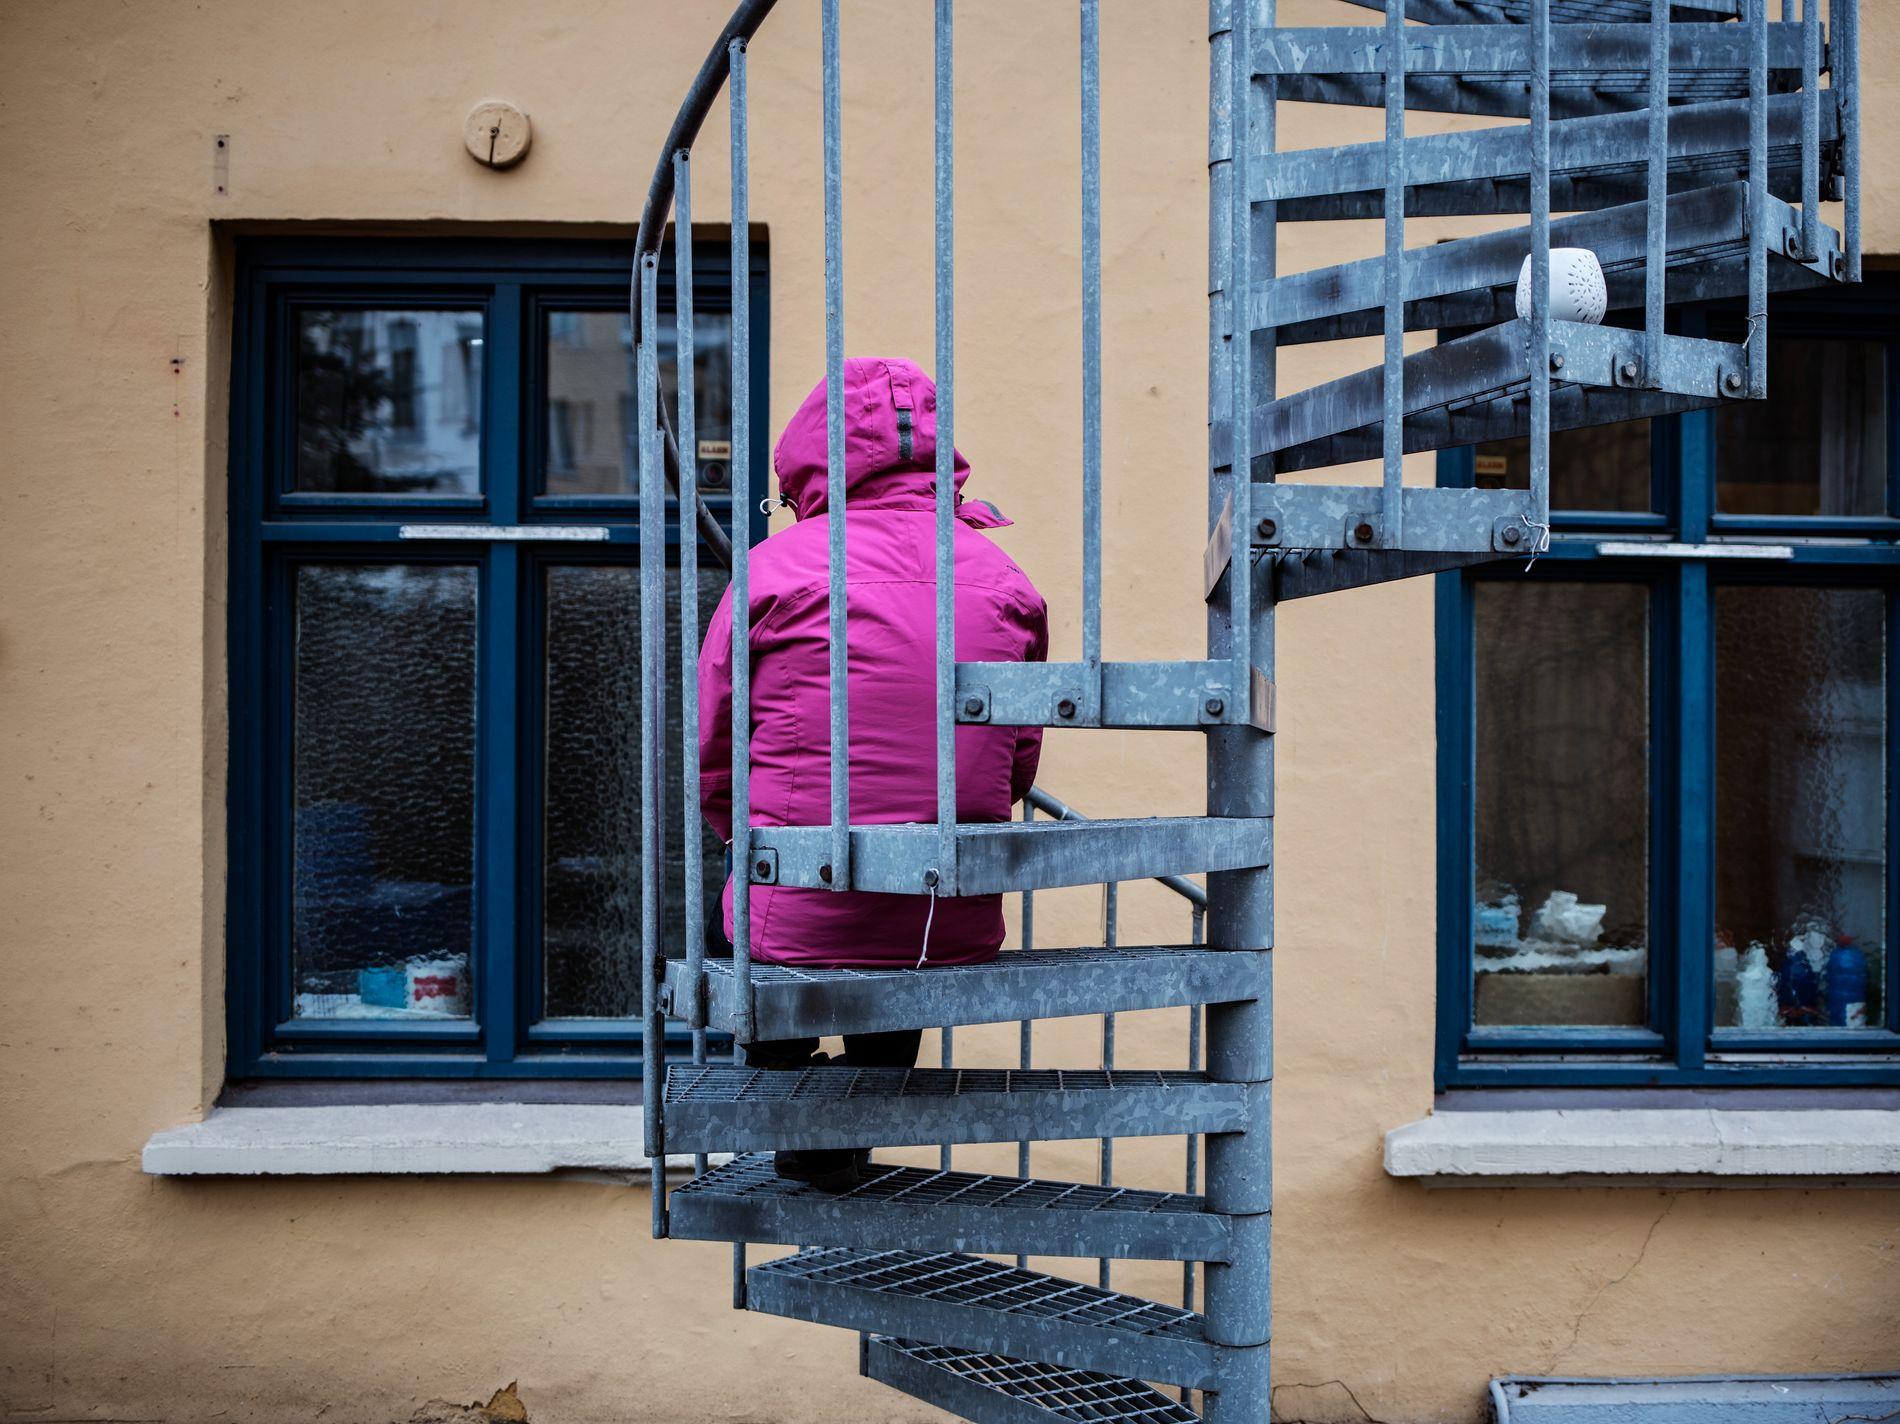 ENGASJERT: Ida, medlem i brukerrådet på Nadheim i Oslo, et senter for personer med prostitusjonserfaring, ble så opprørt at hun sendte leserinnlegg til VG. Foto: JØRGEN BRAASTAD, VG